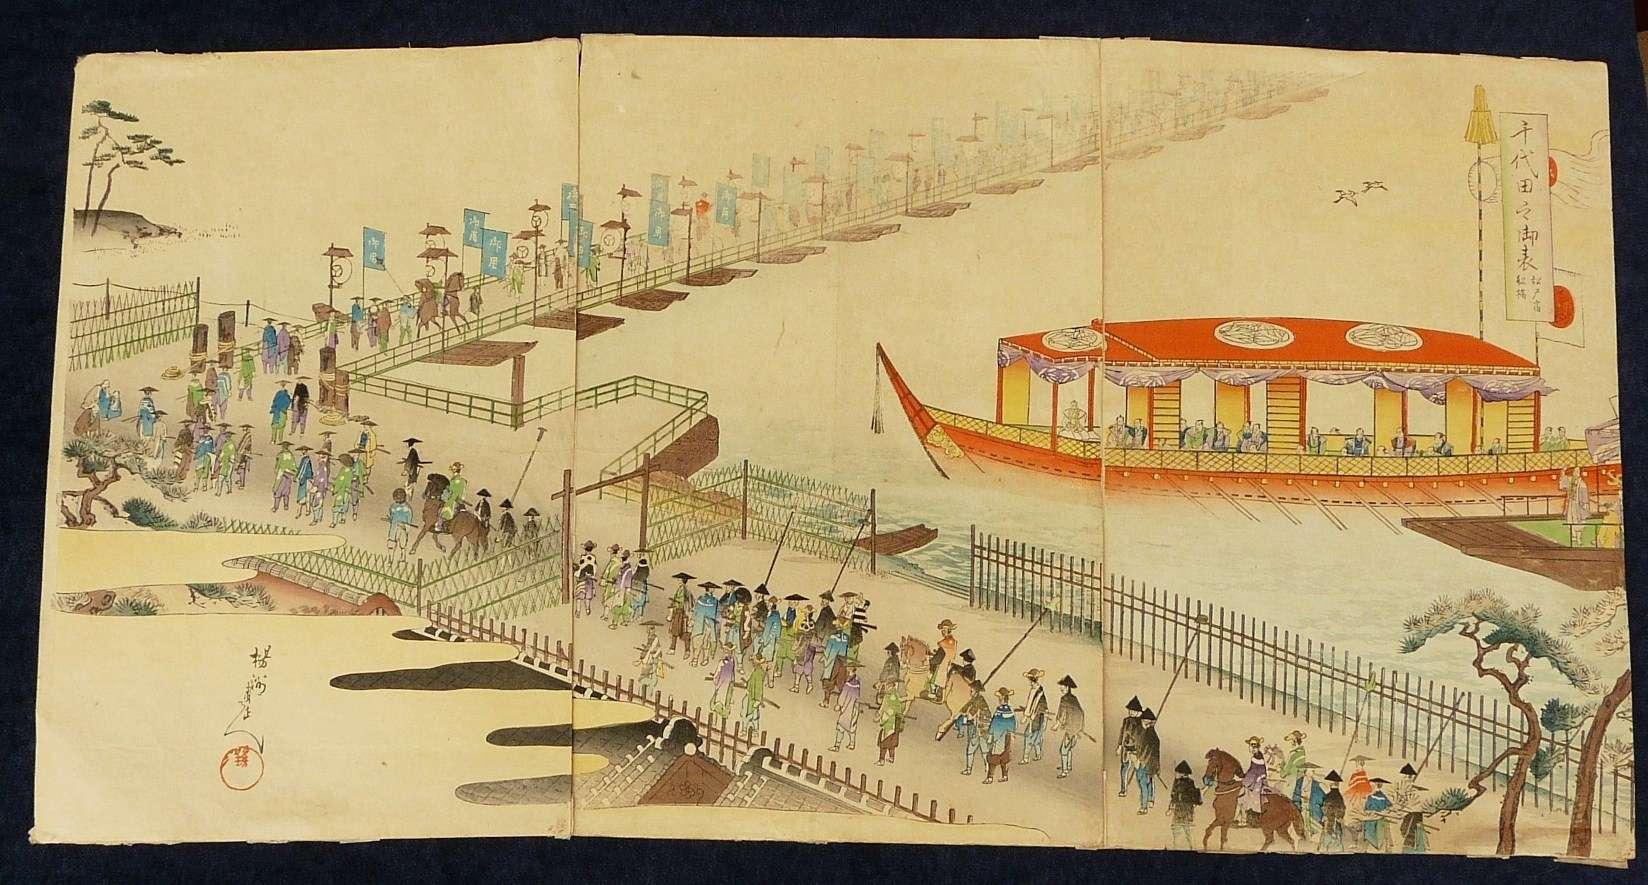 HASHIMOTO CHIKANOBU: #P3910 CHIYODA-NO-ON-OMOTE MOKUROKU MATSUDO-NO-SHUKU FUNA BASHI (1884-1886)